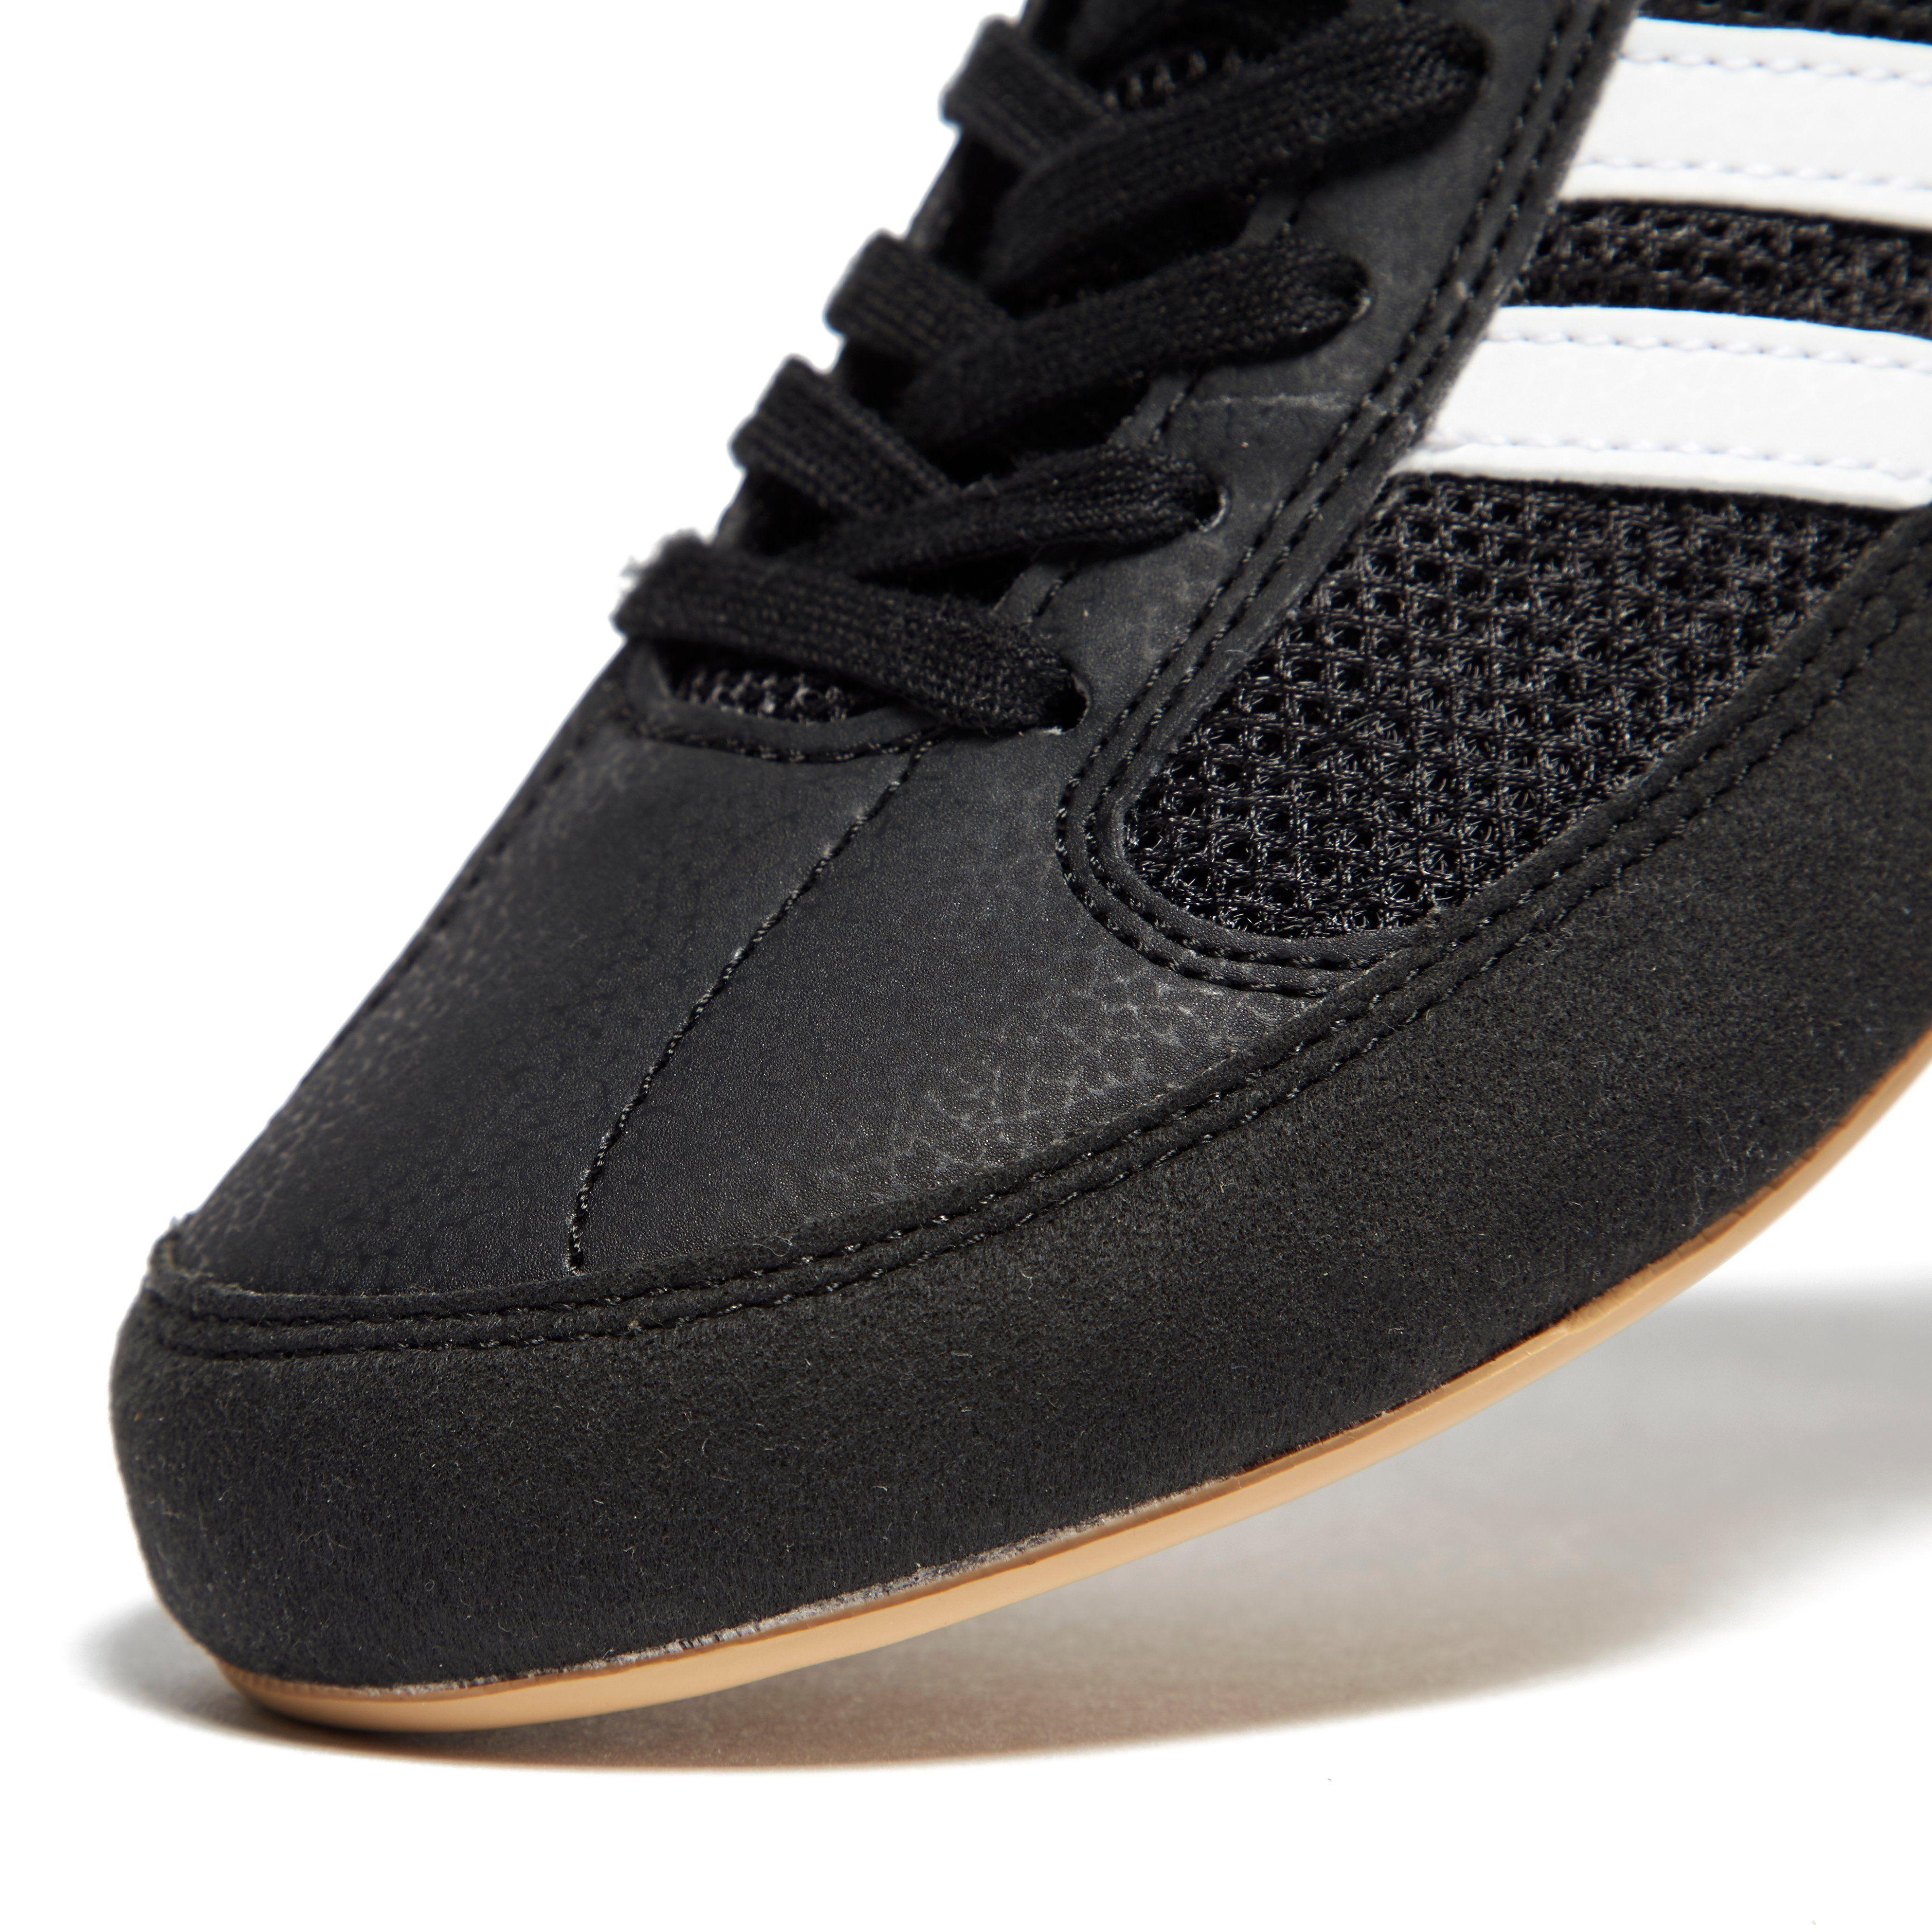 adidas Havoc Junior Wrestling Boots